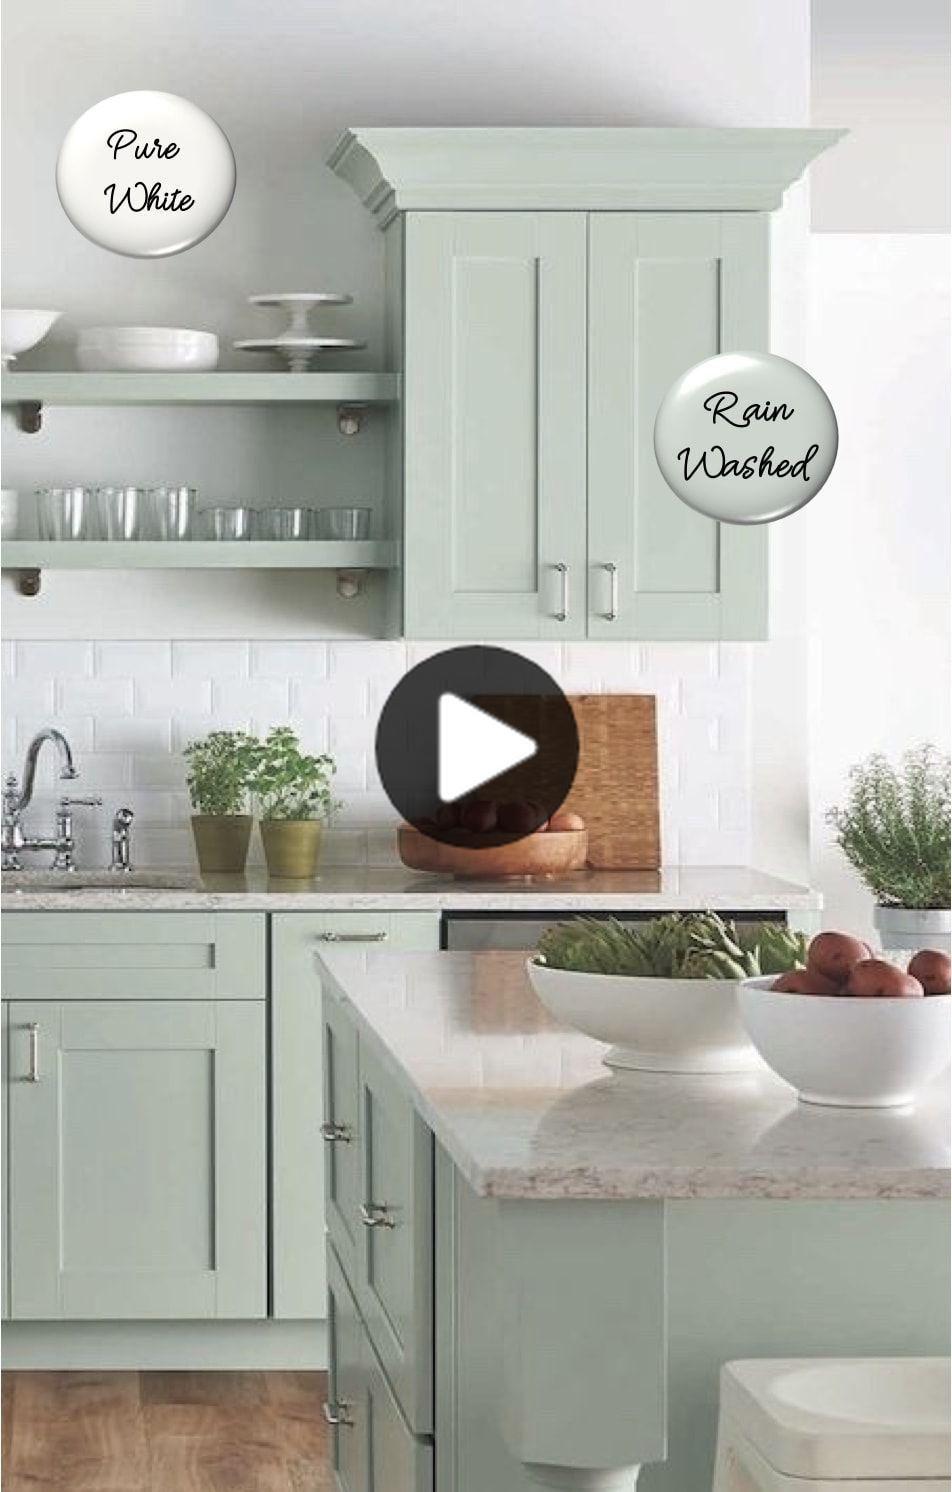 20キャビネットキッチン#キャビネットの色コンボペイントcolor combos kitchen paint